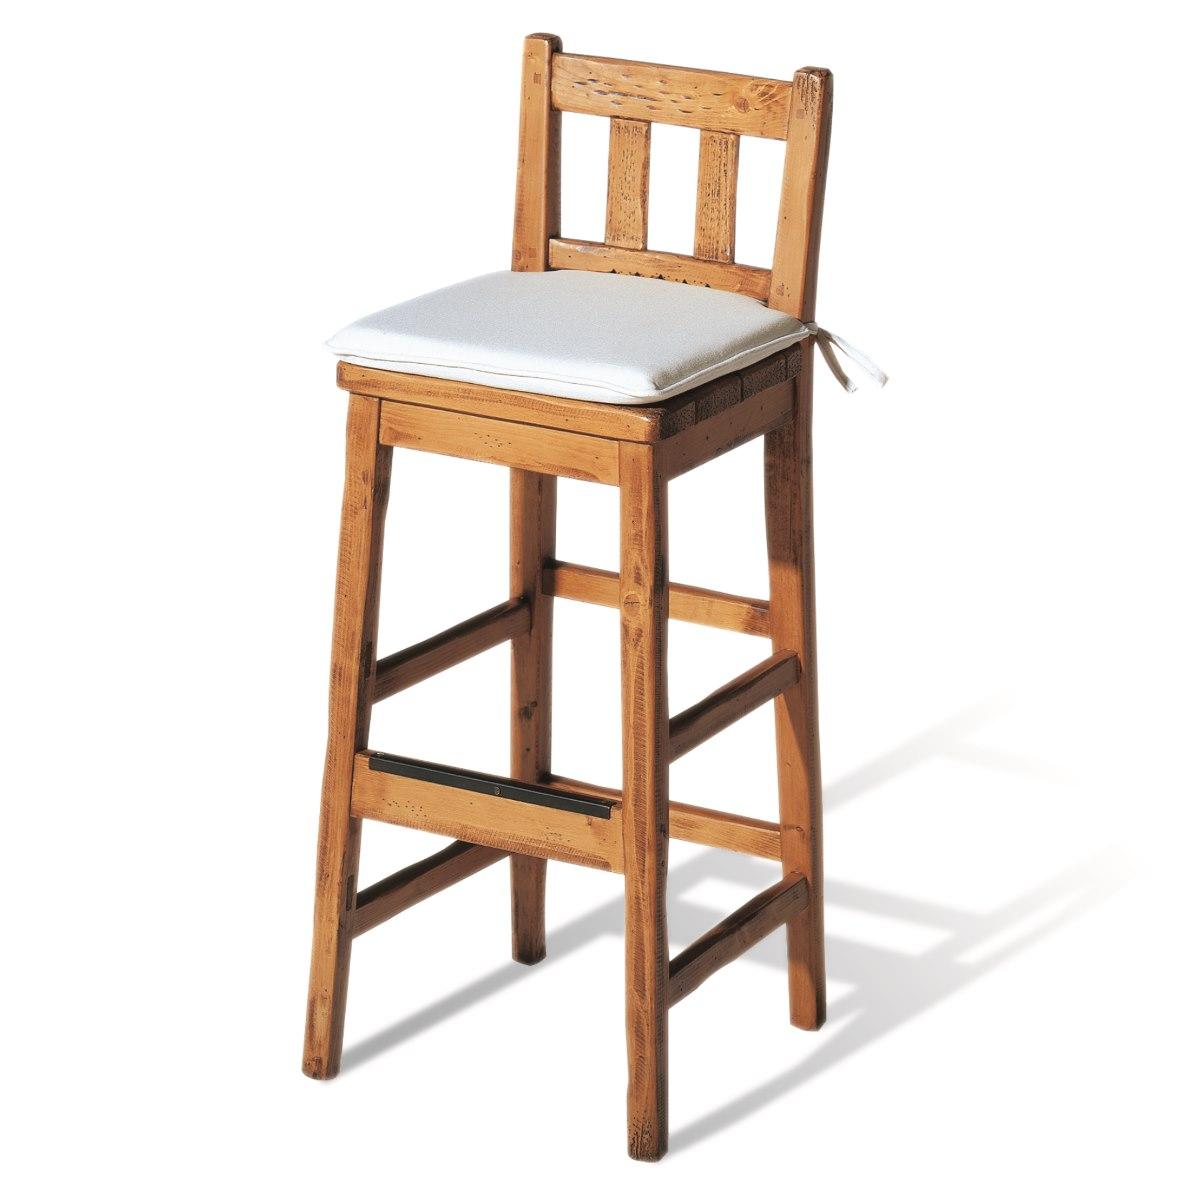 Taburete bar r stico de madera ecor stico venta de muebles - Taburete madera bar ...